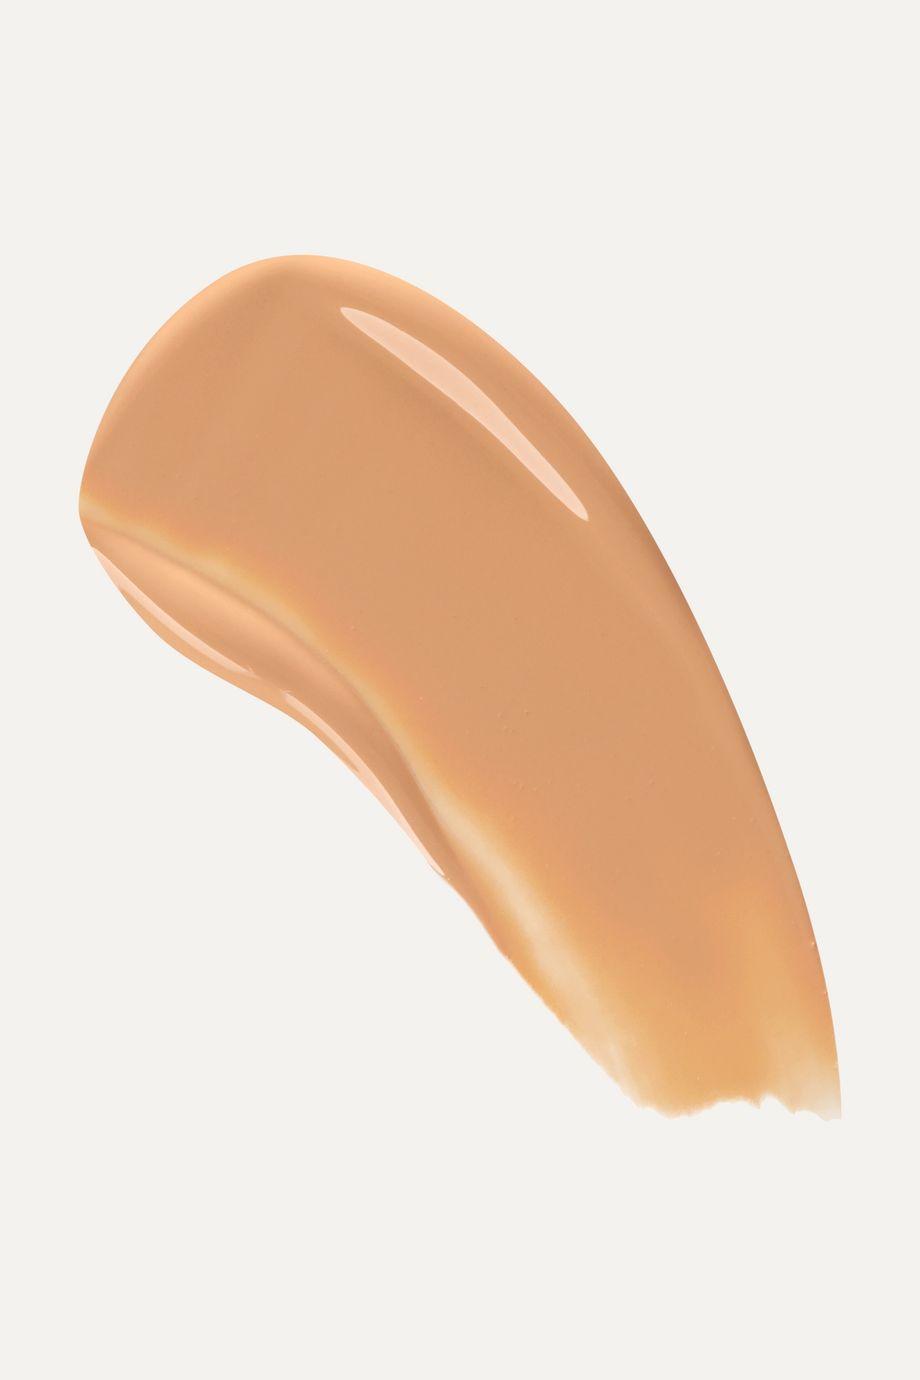 Illamasqua Skin Base Foundation - 9, 30ml